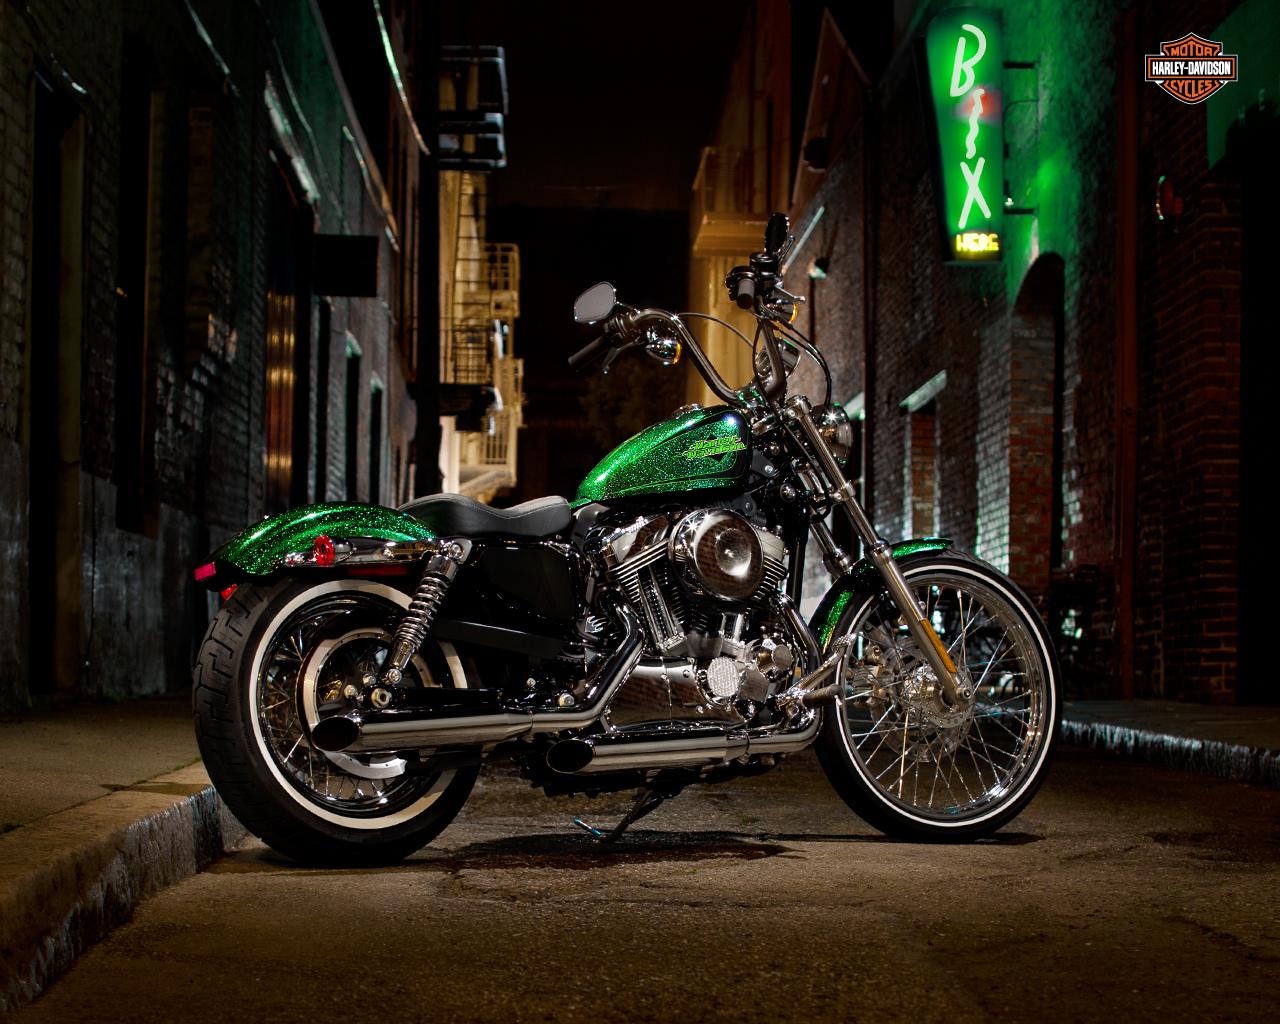 http://3.bp.blogspot.com/-KxoSw7CjvFo/UJY7SH9hvII/AAAAAAAAVw4/nIO_le-5ZIo/s1600/Harley+Davidson-seventy-two-bs+wallpaper+hd+pictures.jpg